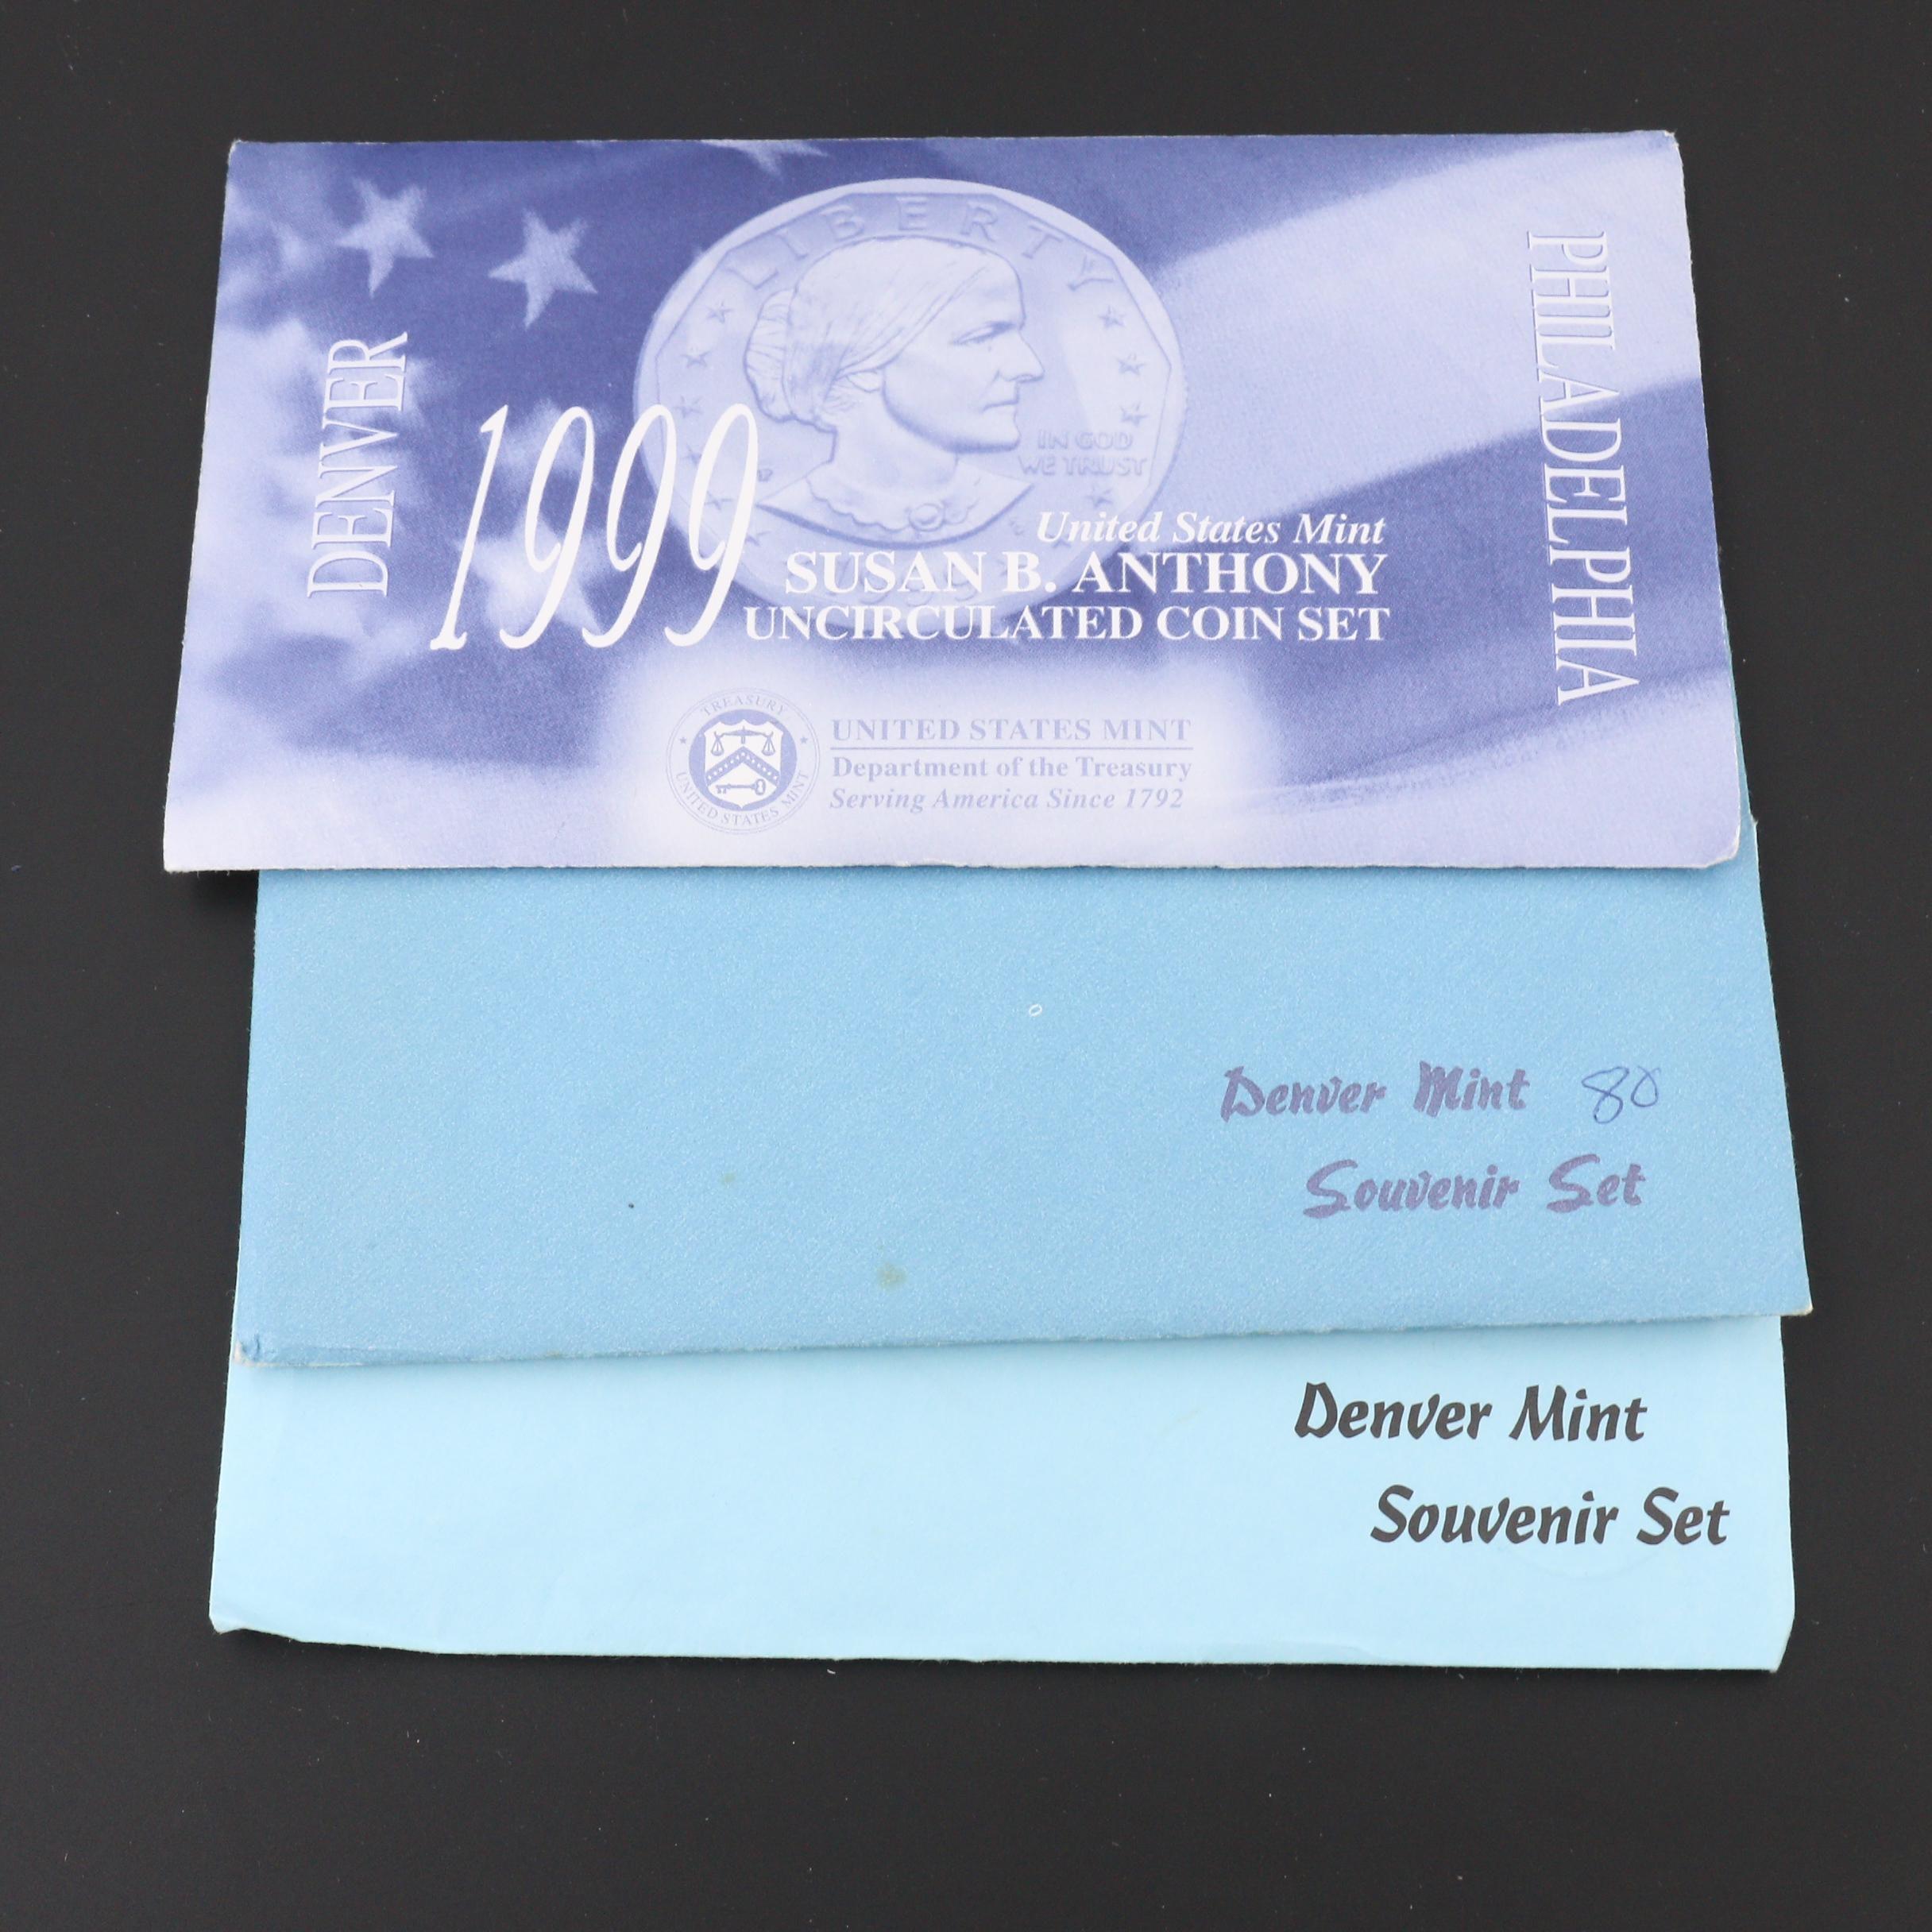 Three U.S. Mint Coin Sets